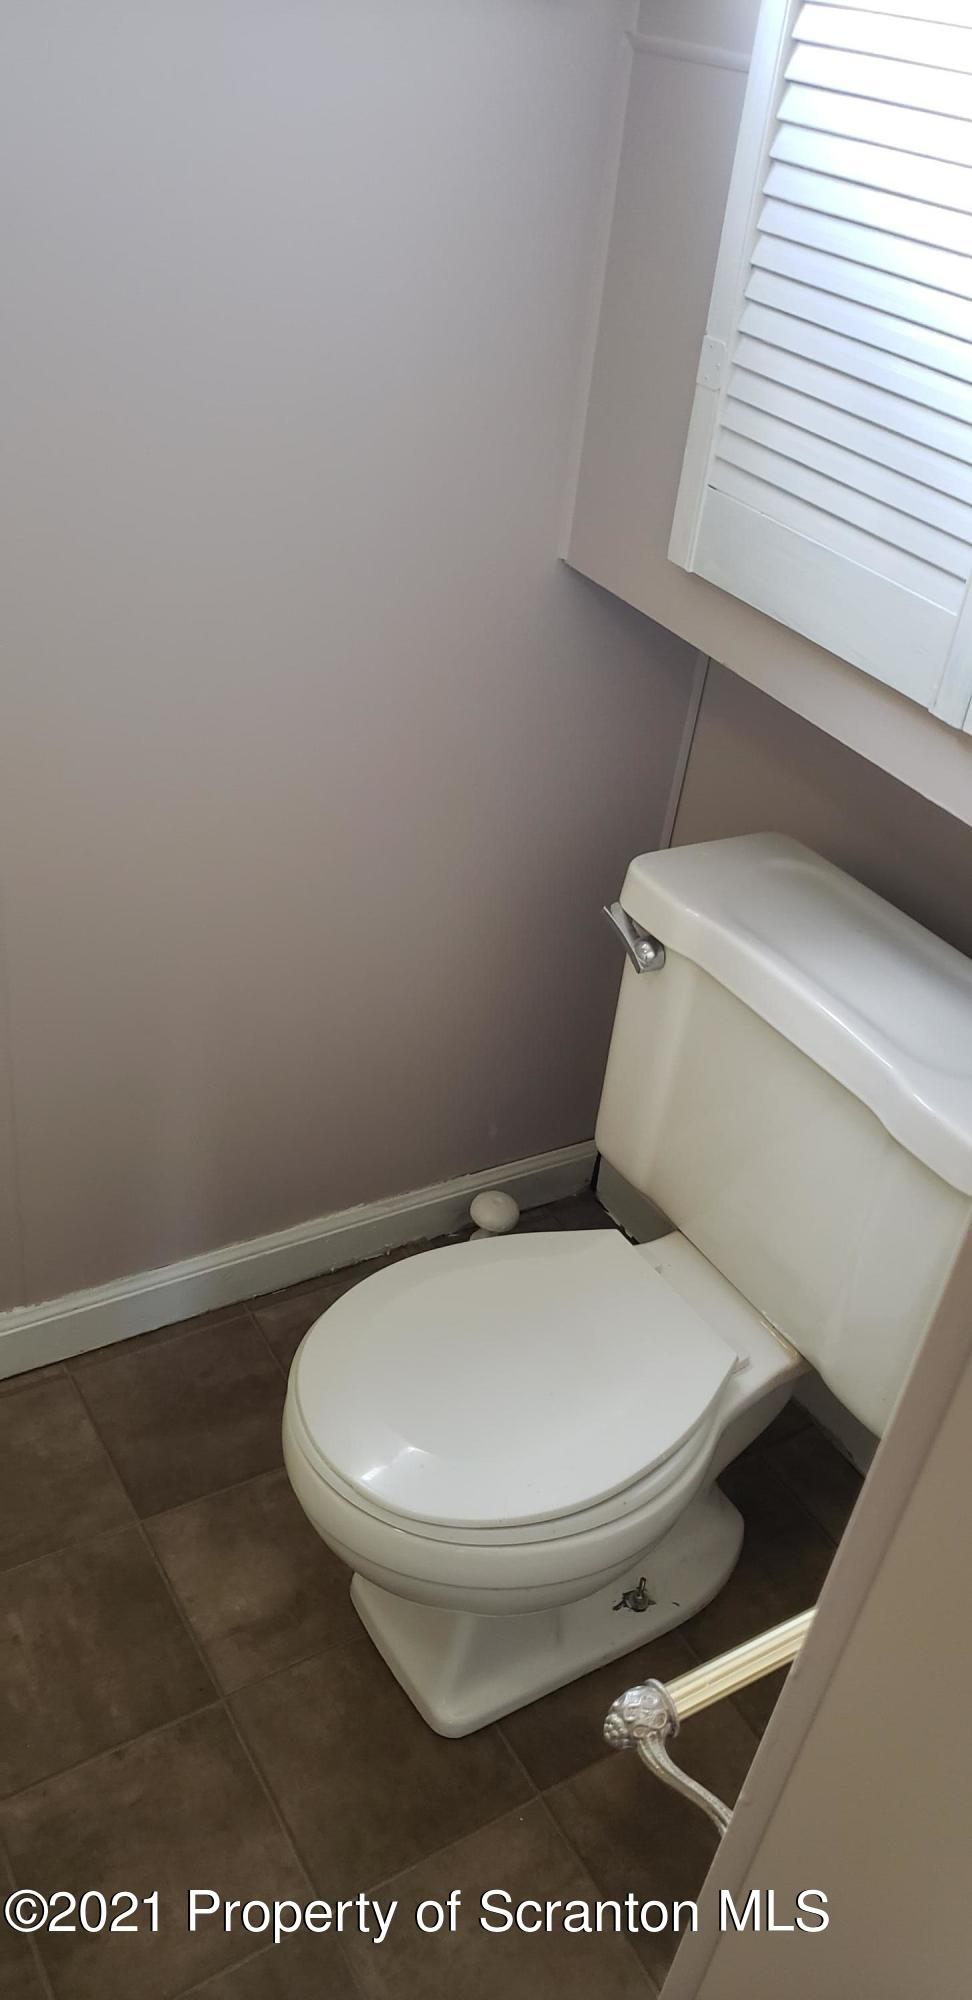 116 Van Buren Ave, Scranton, Pennsylvania 18504, 3 Bedrooms Bedrooms, 6 Rooms Rooms,2 BathroomsBathrooms,Single Family,For Sale,Van Buren,21-1058